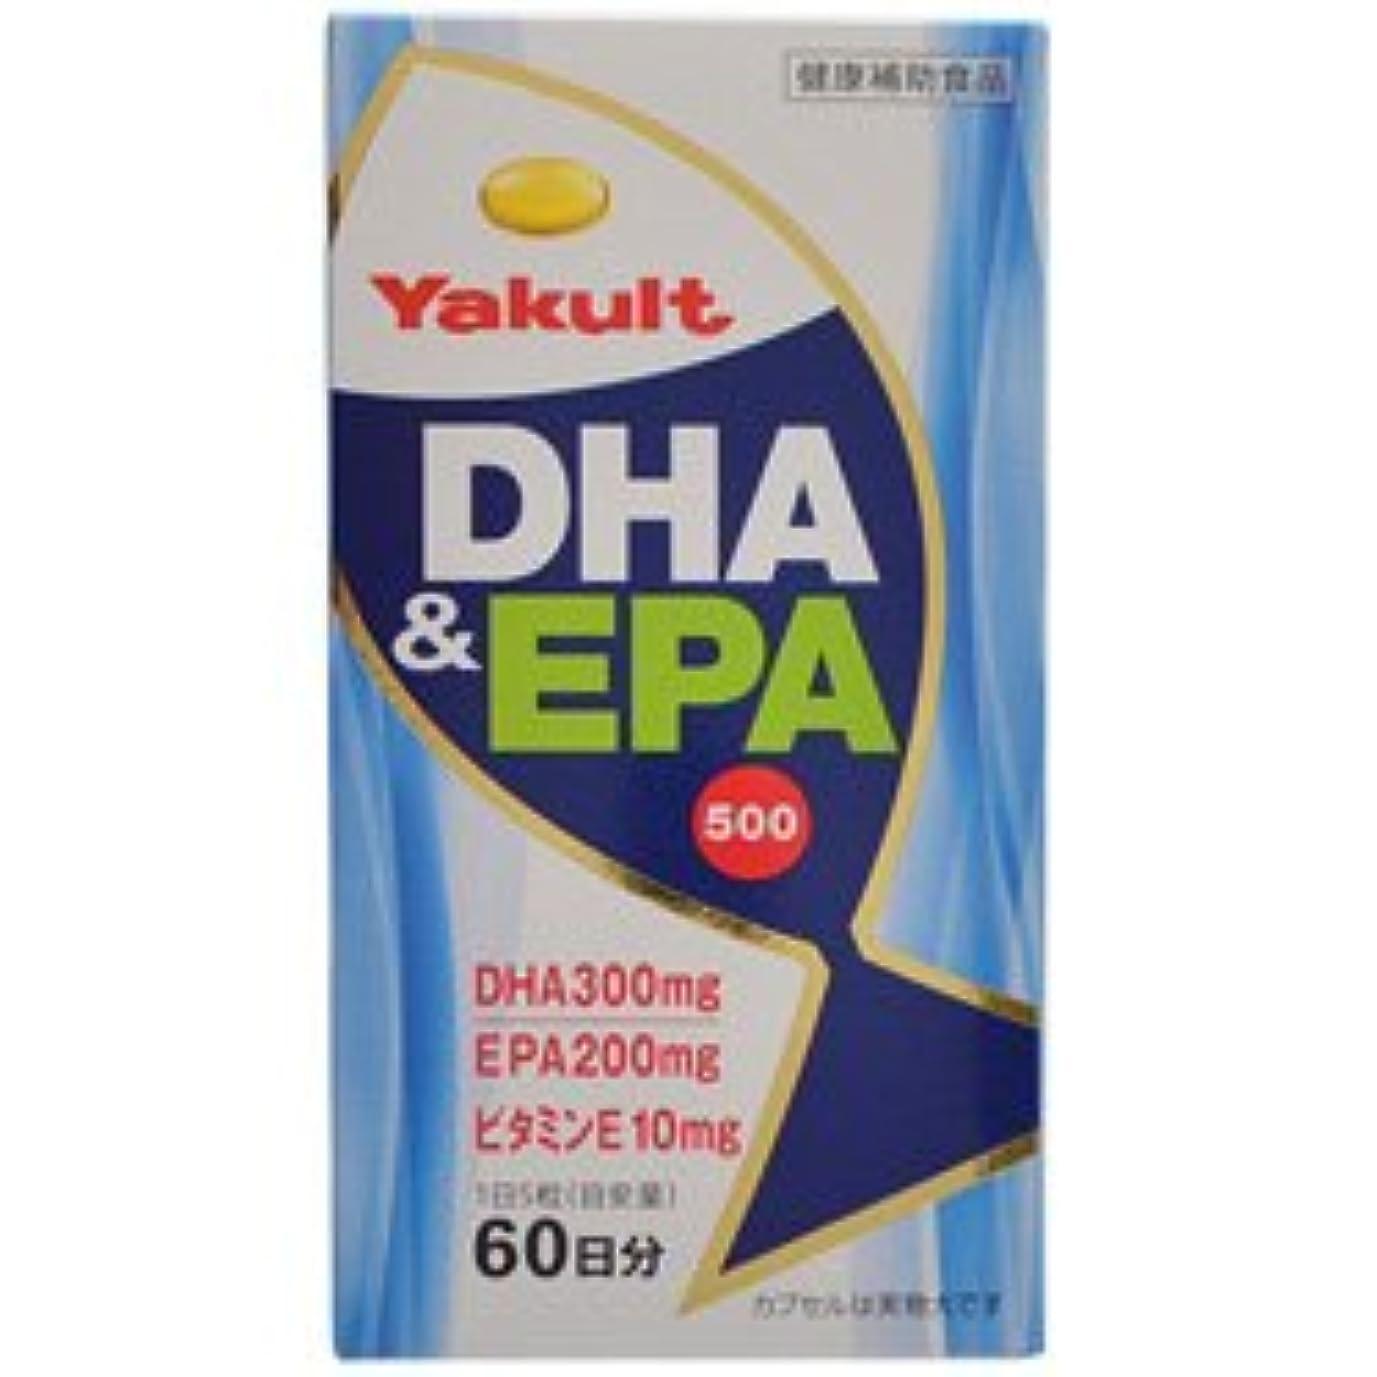 重さ上院議員希少性【ヤクルトヘルスフーズ】DHA&EPA 500 300粒 ×10個セット